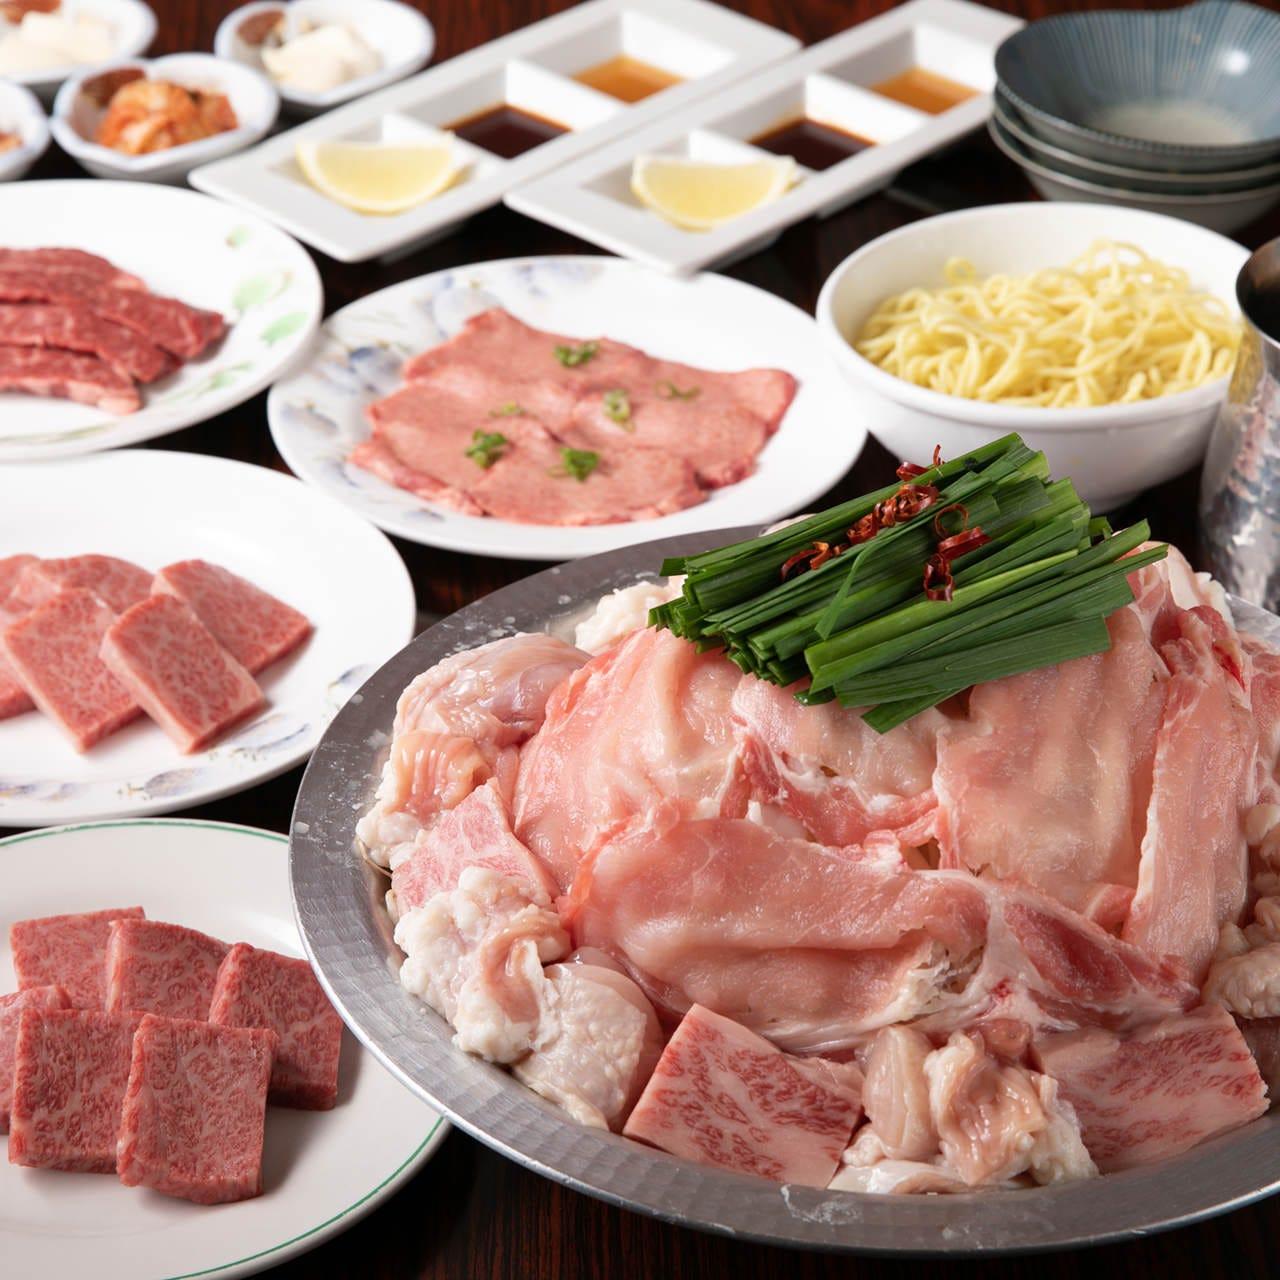 特上肉の焼肉と絶品もつちゃんこ鍋の両方を味わえるコース